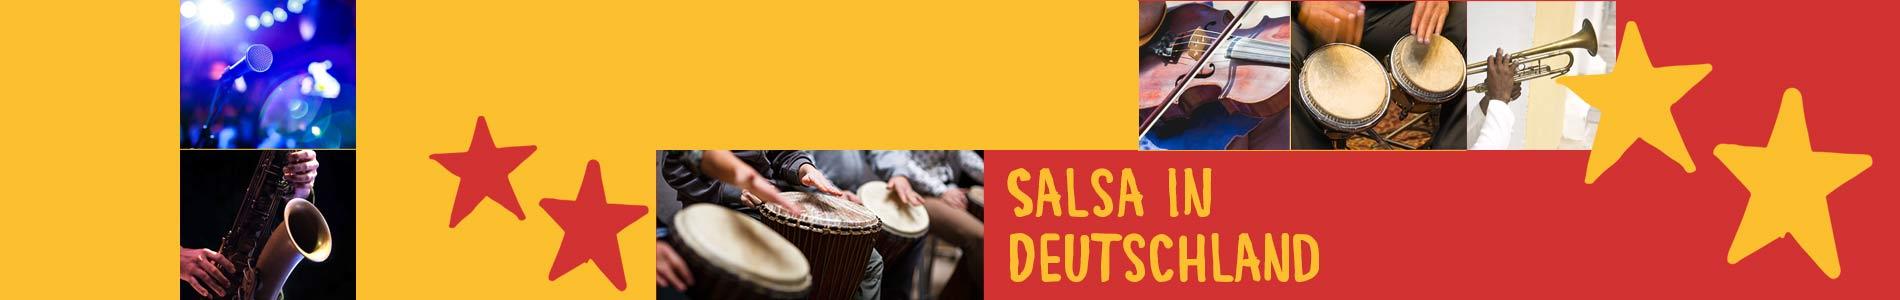 Salsa in Brügge – Salsa lernen und tanzen, Tanzkurse, Partys, Veranstaltungen